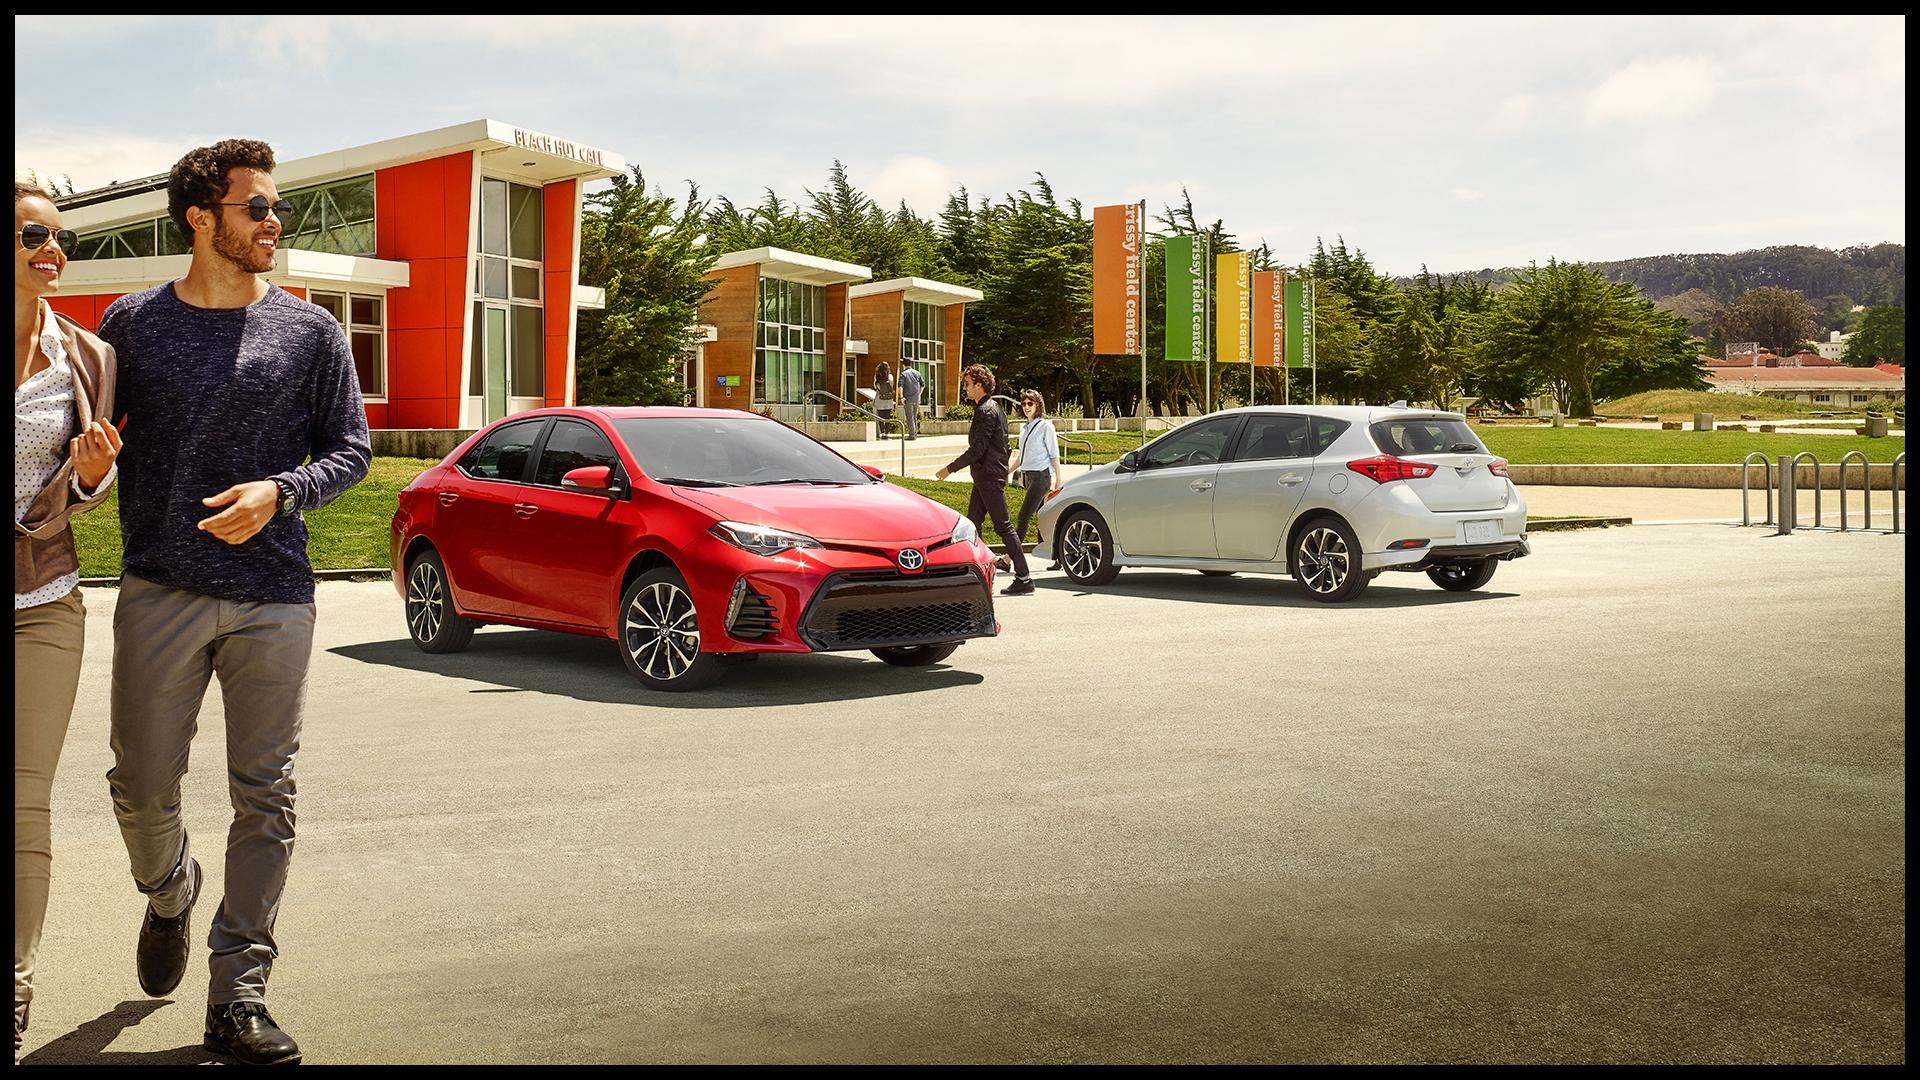 New Toyota Corolla Exterior image 1